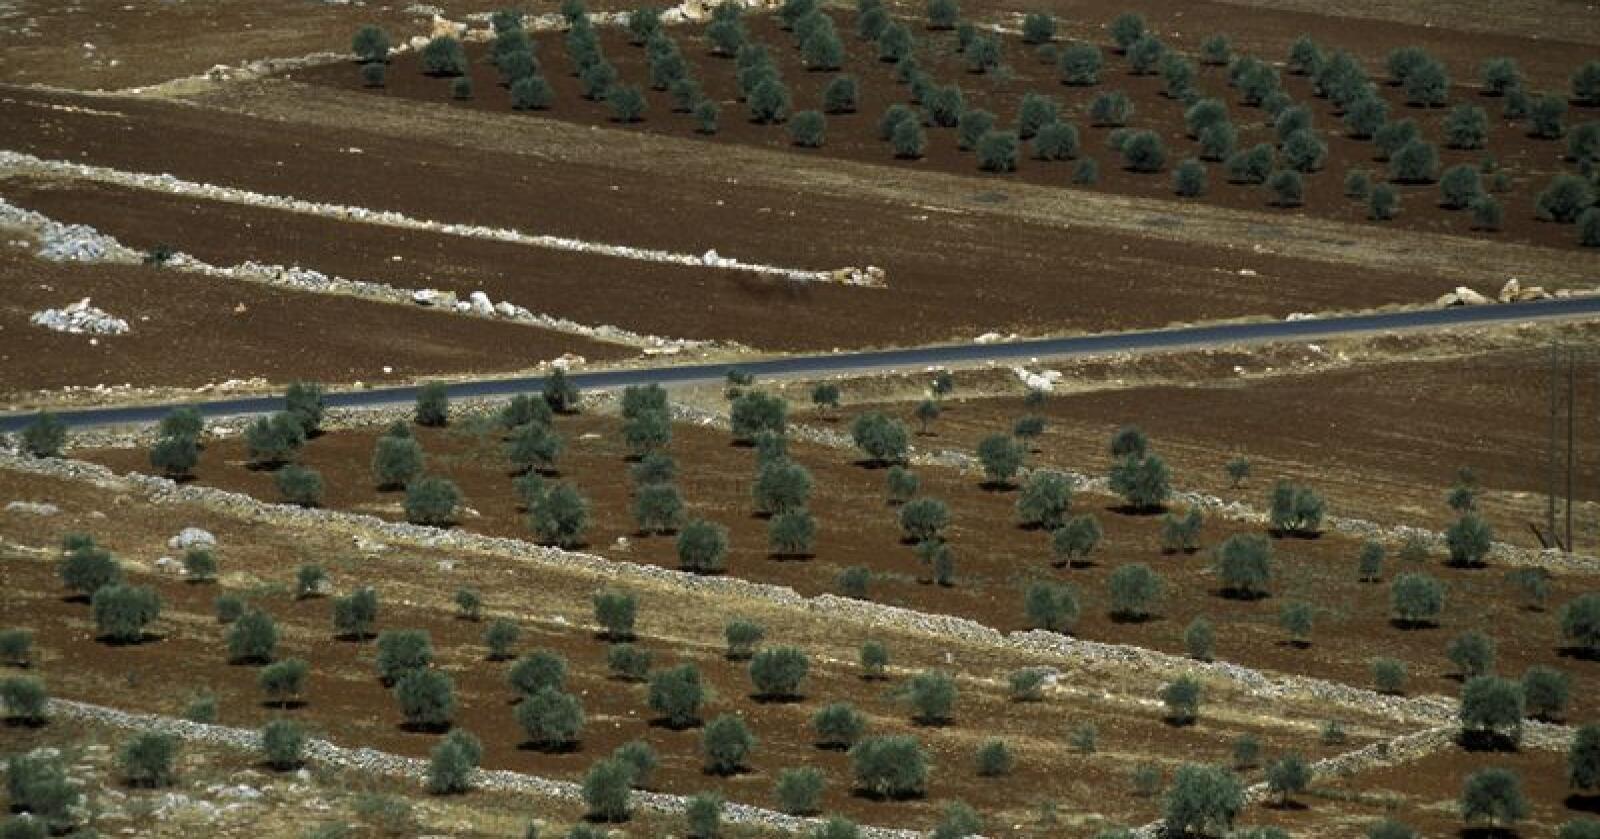 I tillegg til krig og konflikter, har et stadig mer ustabilt vær rammet syrisk matproduksjon hardt. Imidlertid er det nå en viss bedring å spore i landets matsikkerhet, melder FAO. Bildet viser landbruk nær byen Aleppo i Syria. Foto: Urs Flueeler